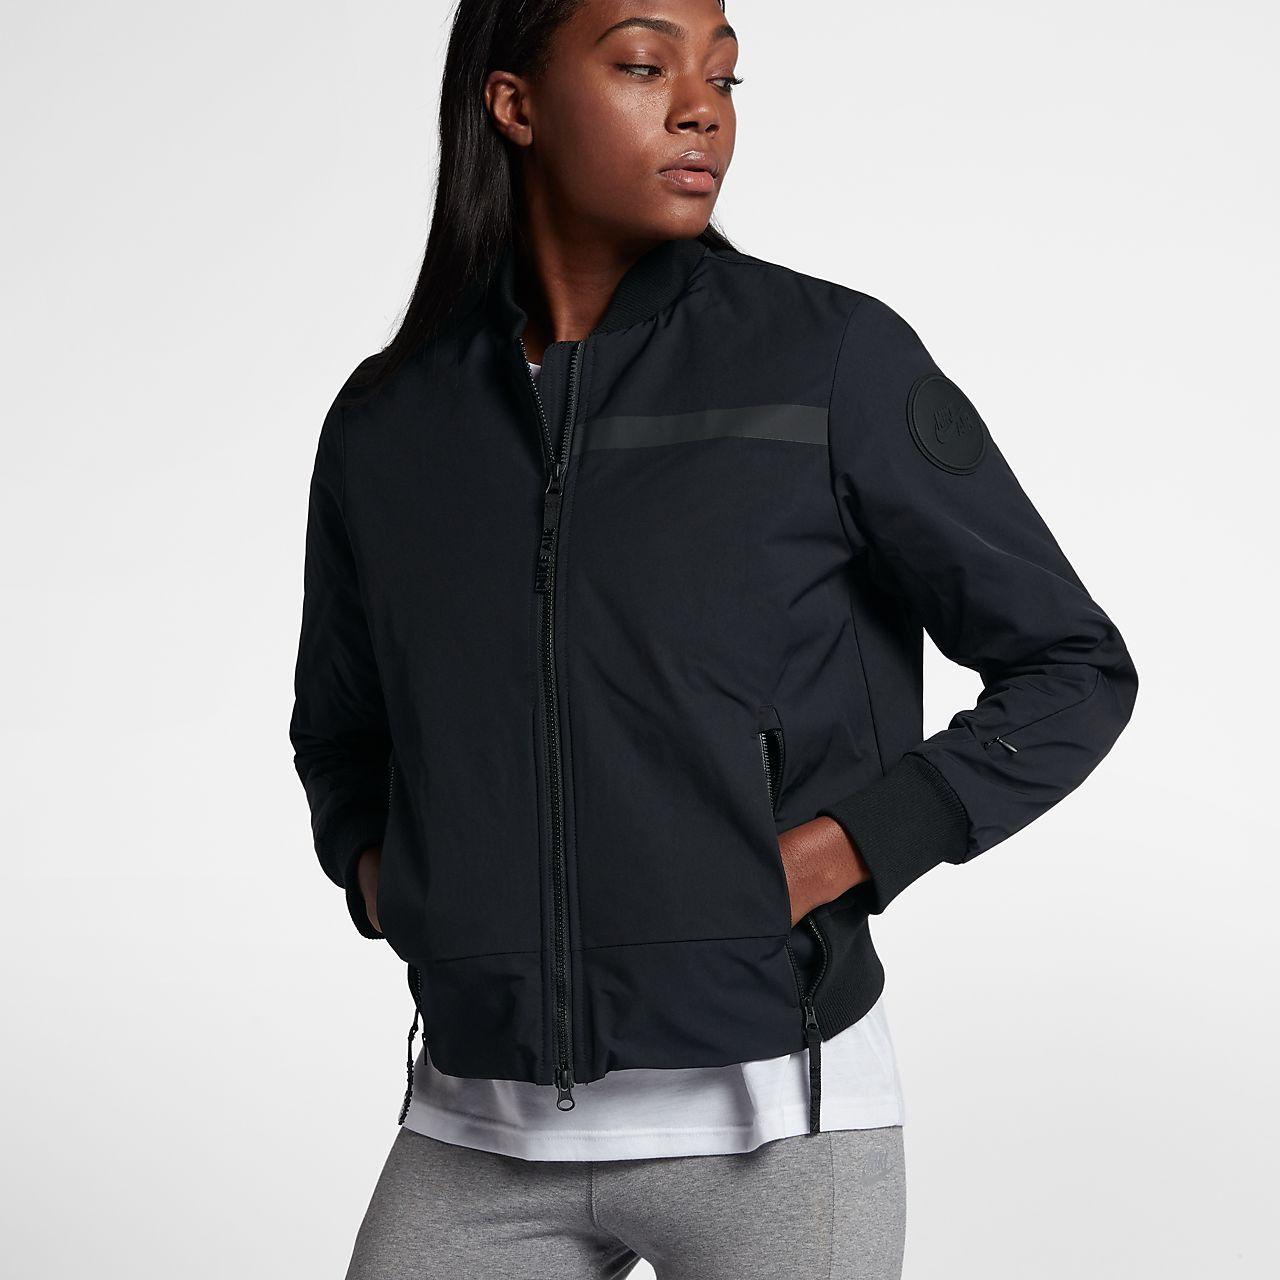 Nike Air Bomber Women S Woven Jacket Woven Jacket Sportswear Women Jackets [ 1280 x 1280 Pixel ]